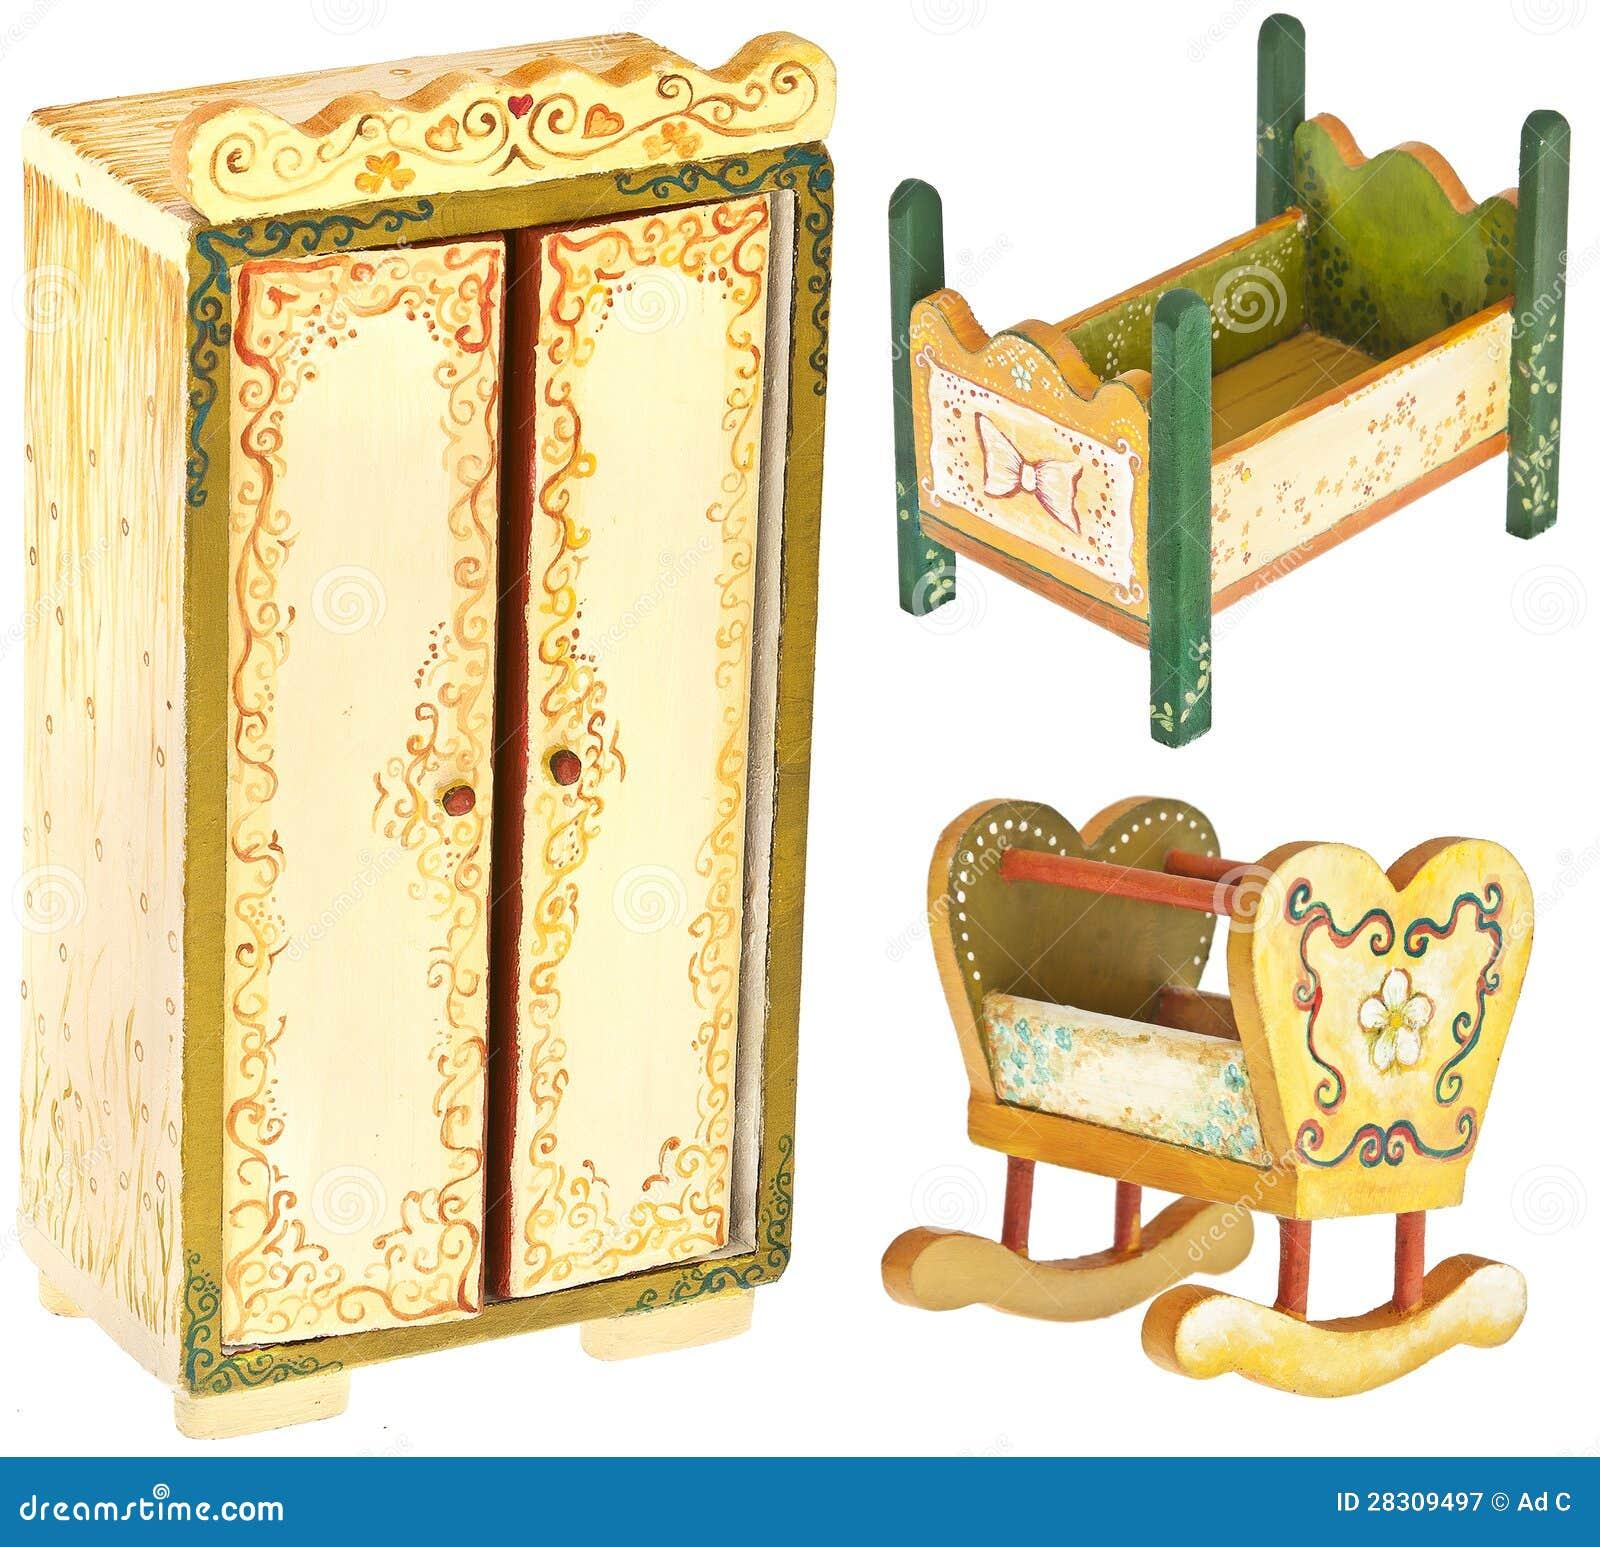 Fotografia de Stock Royalty Free: Mobília de madeira pintado à mão  #B98C12 1300x1274